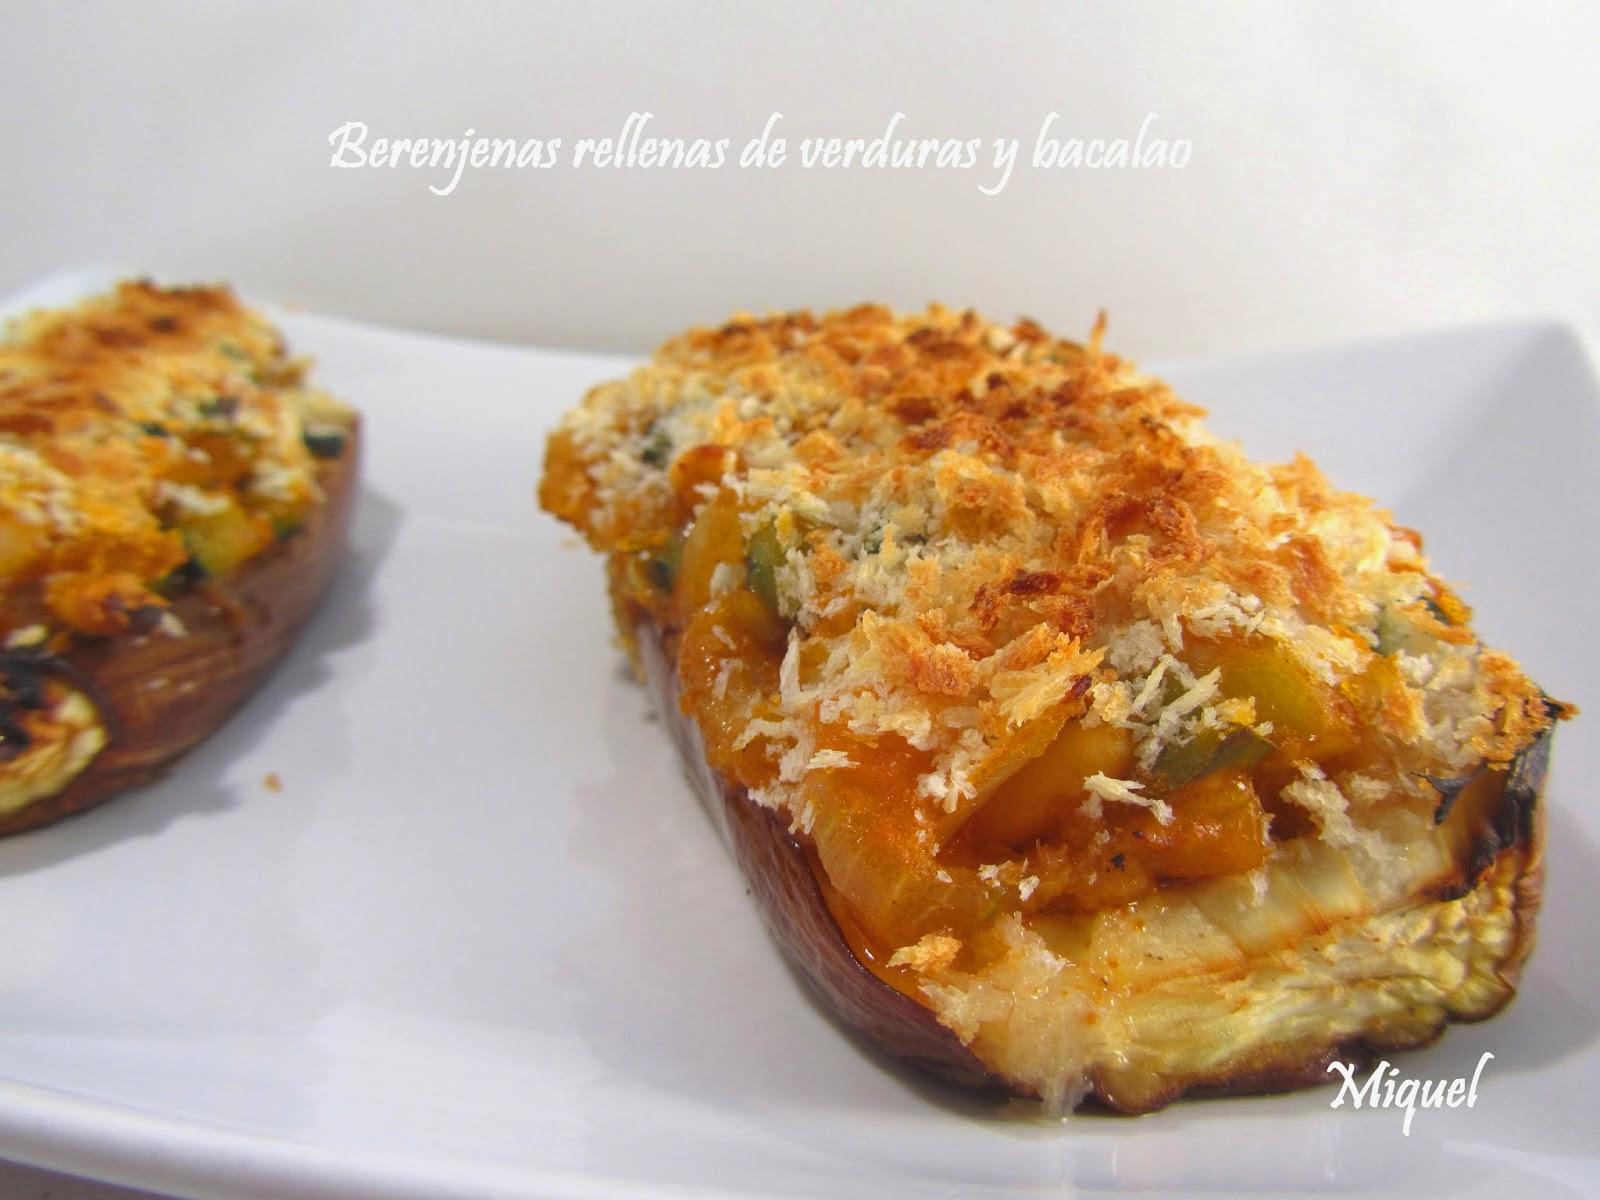 Les receptes del miquel berenjenas rellenas de verduras y - Berenjenas rellenas de bacalao ...